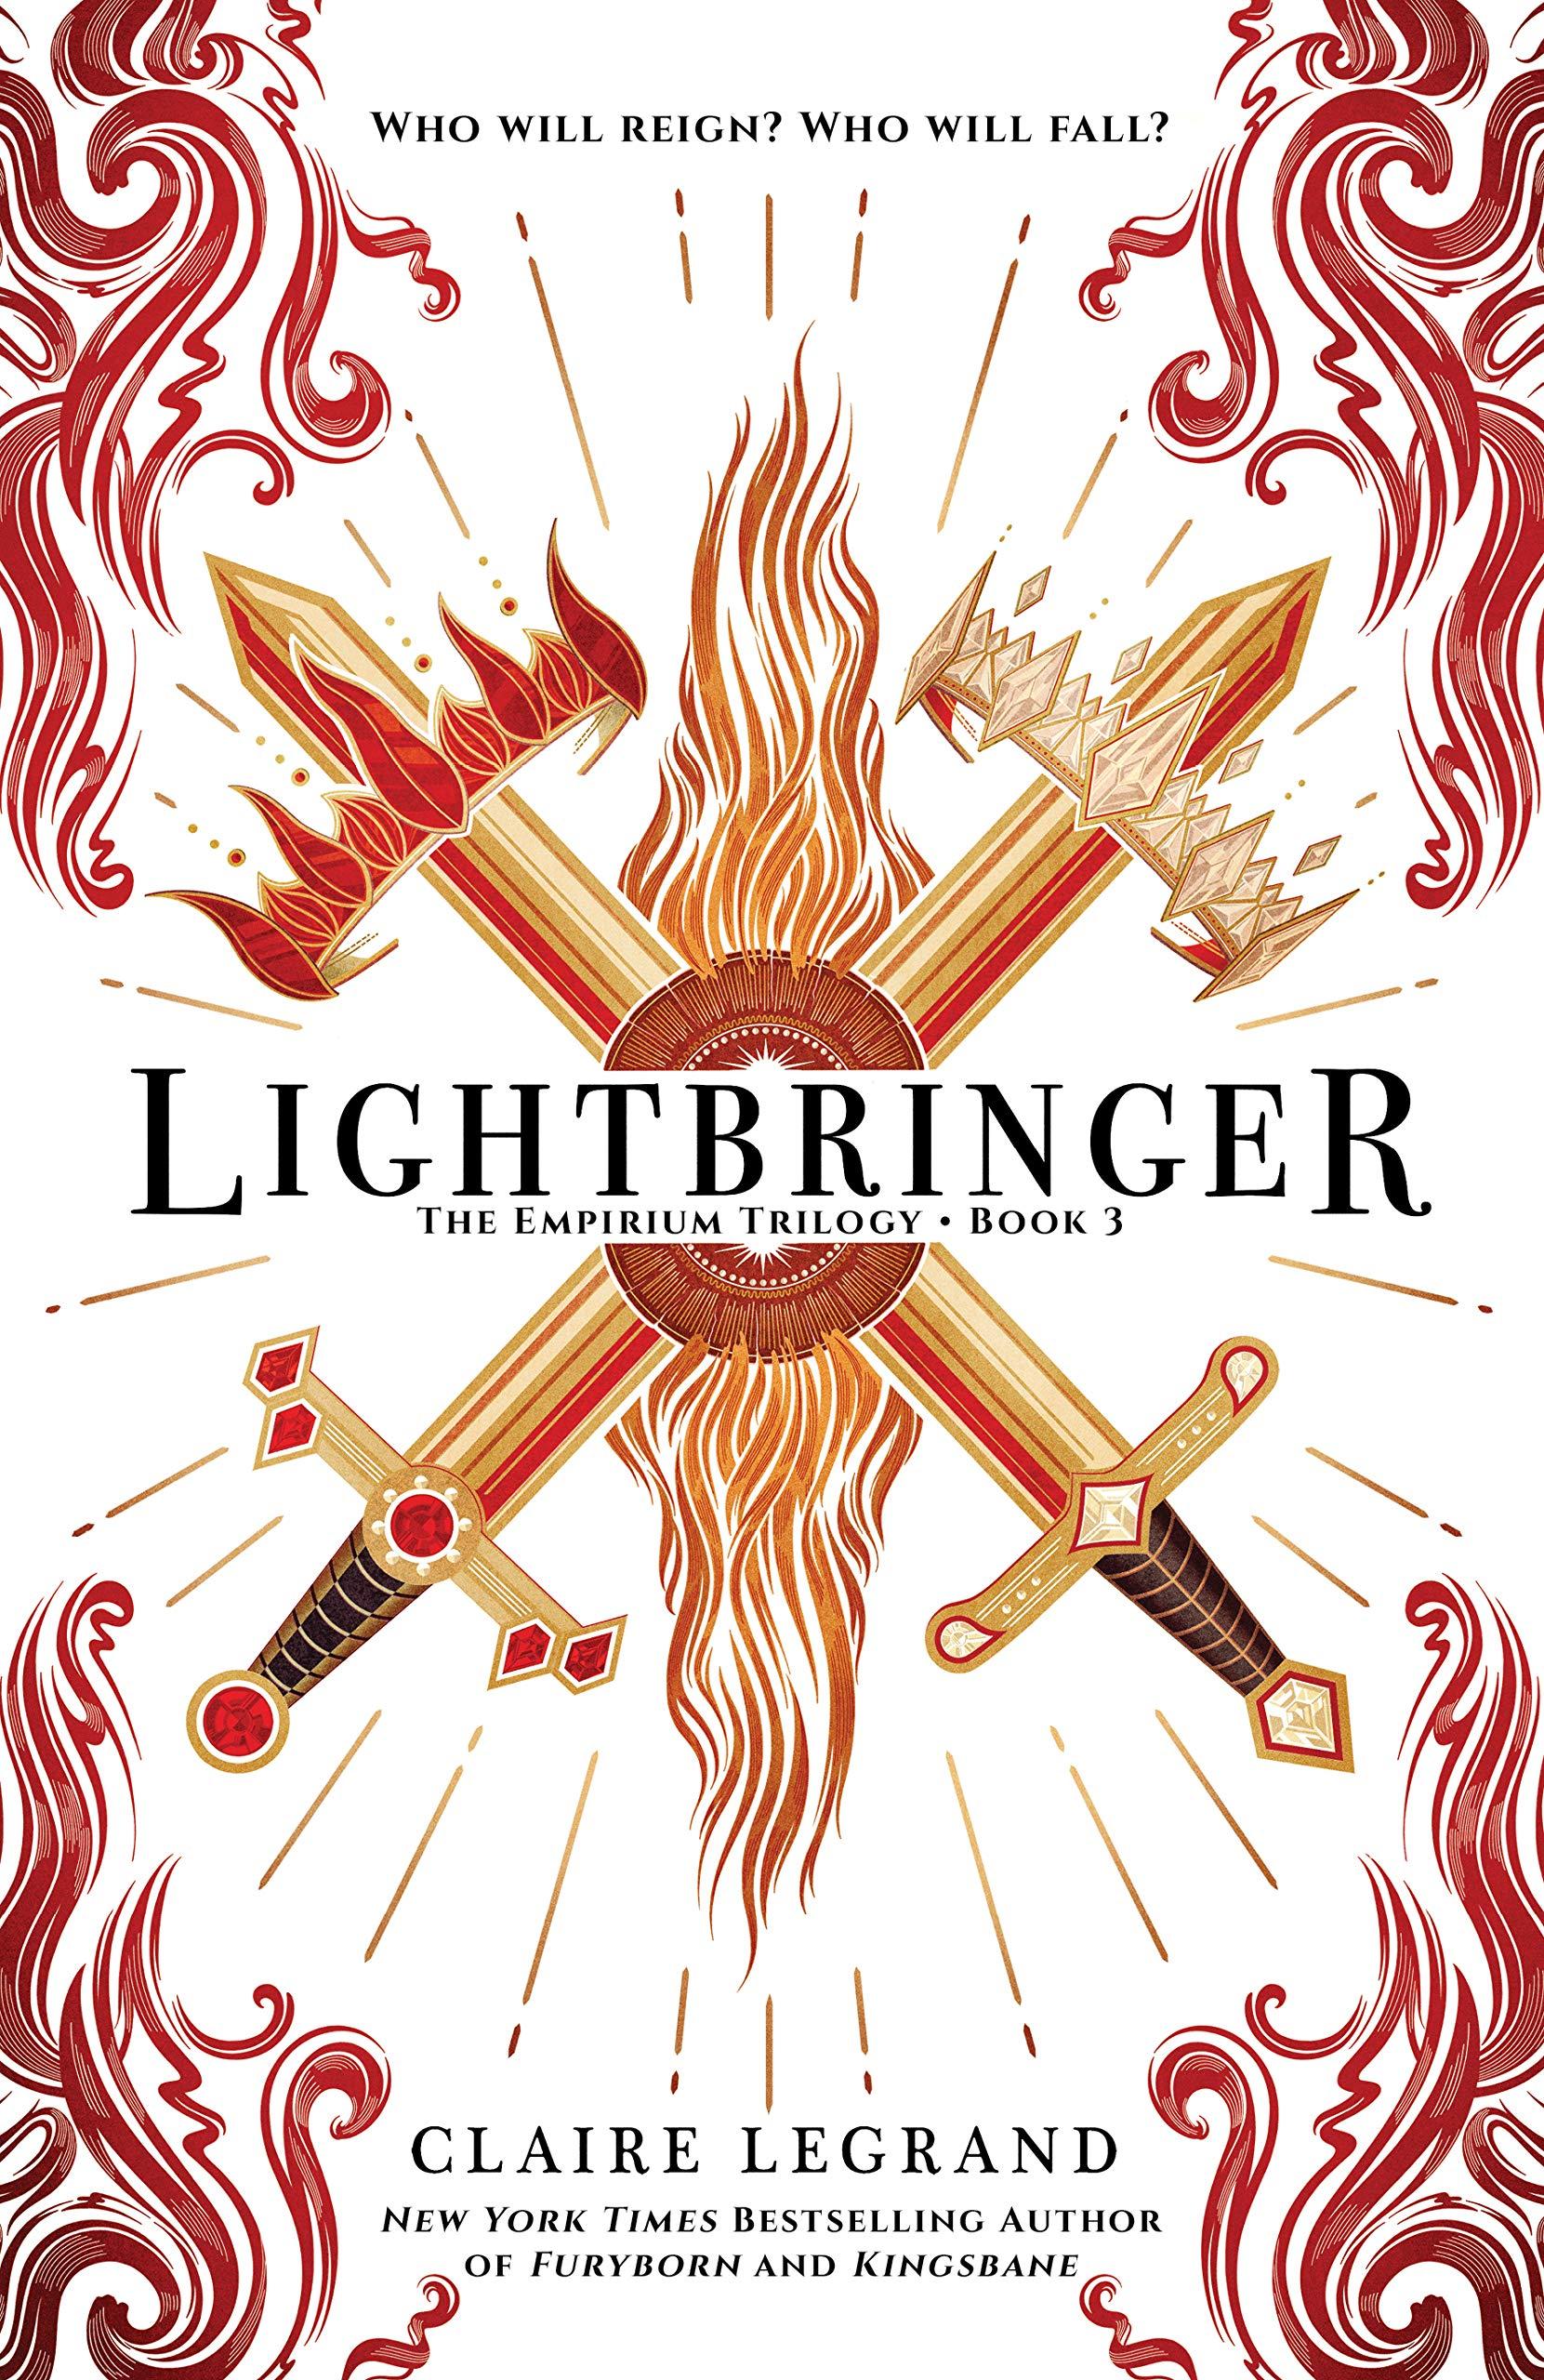 Amazon.com: Lightbringer (The Empirium Trilogy, 3) (9781492656685): Legrand,  Claire: Books